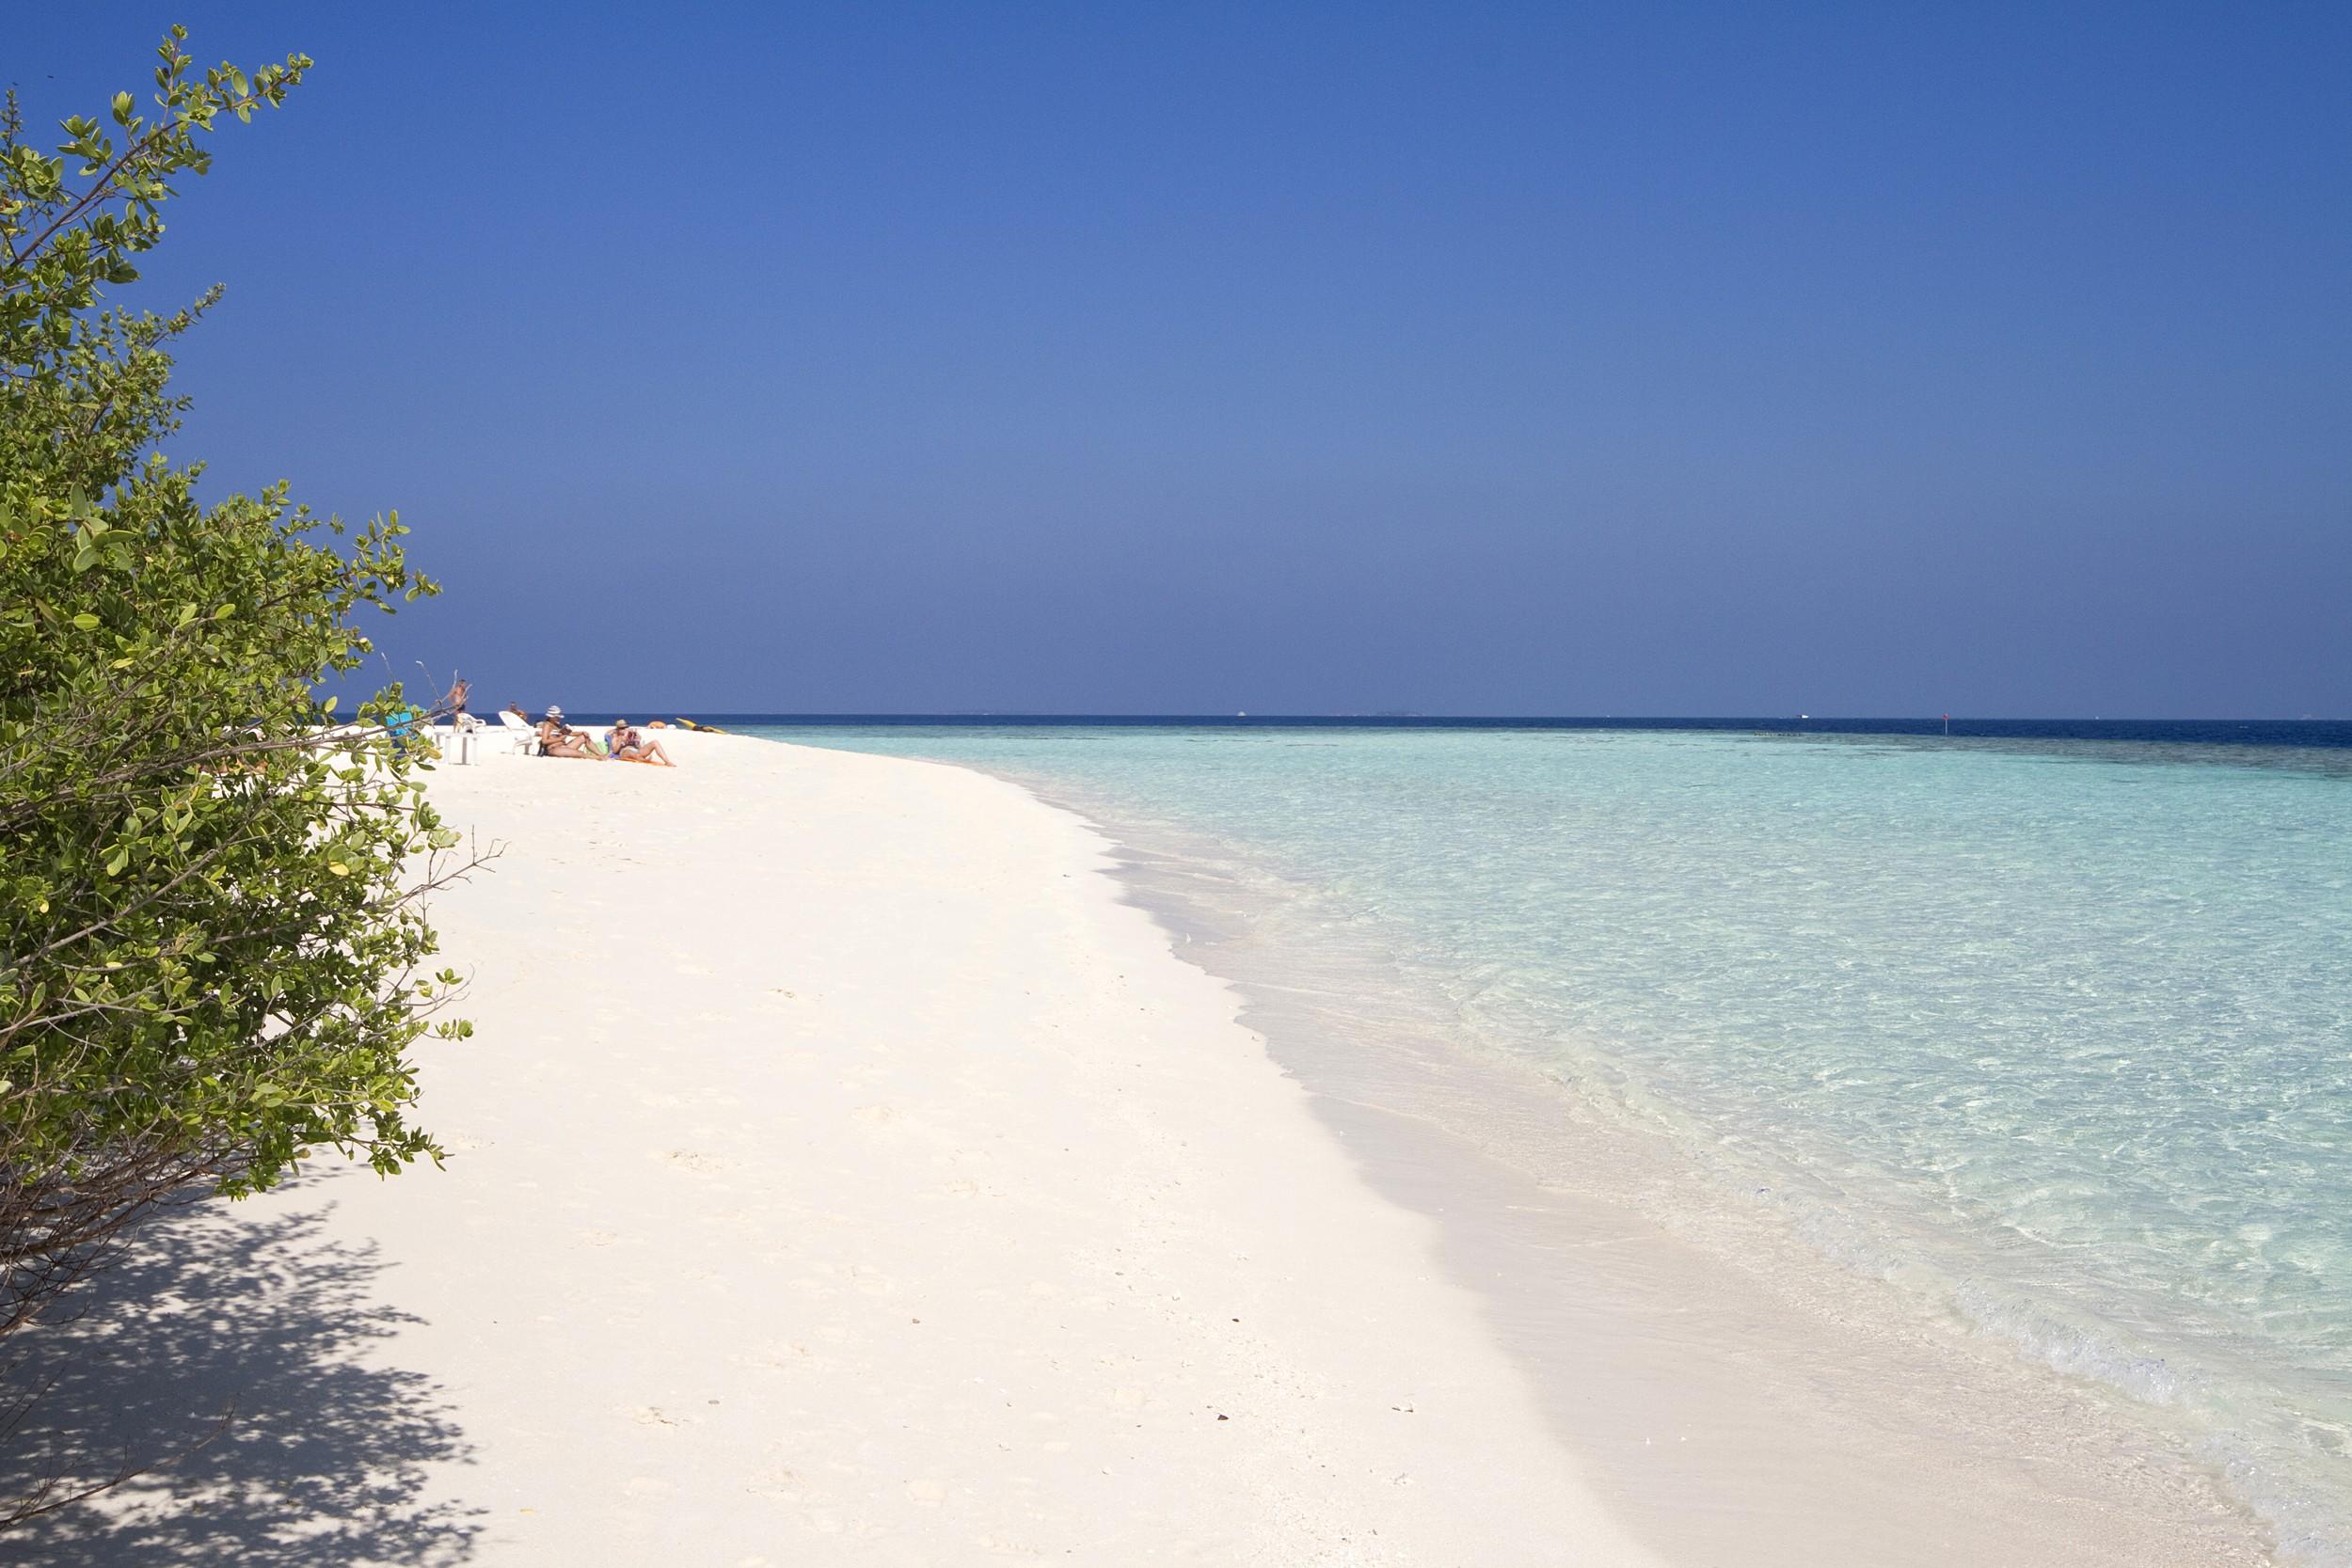 Beach_020